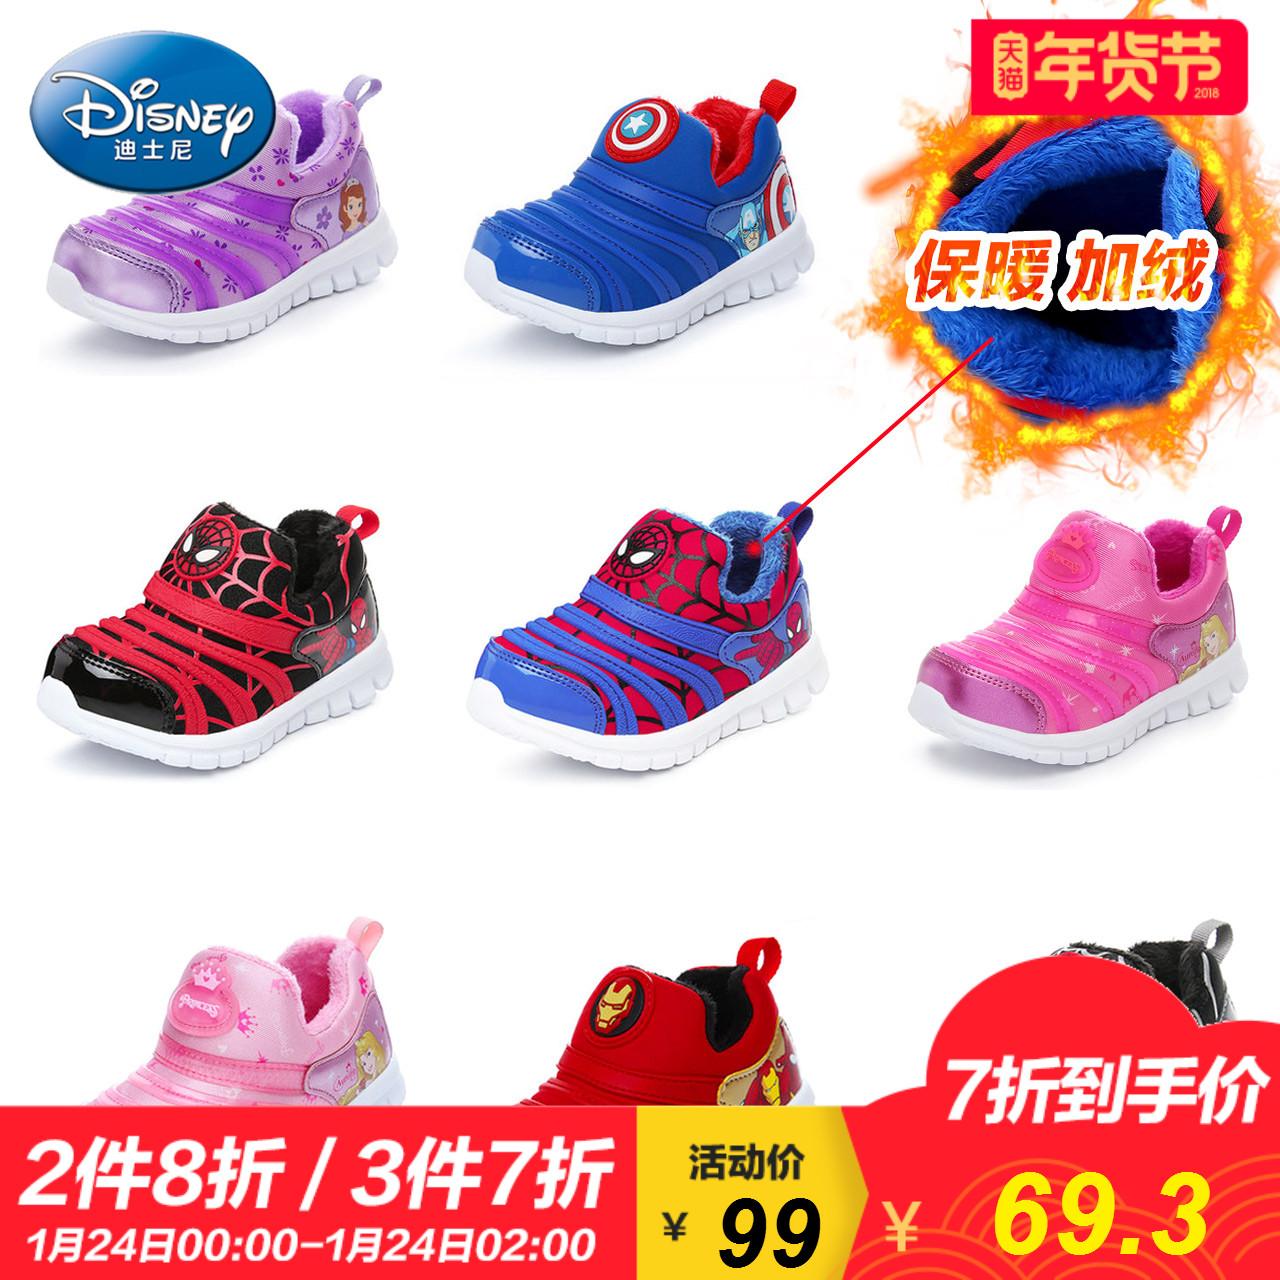 迪士尼童鞋冬季加绒中大童运动鞋毛毛虫男童女童蜘蛛侠儿童保暖鞋